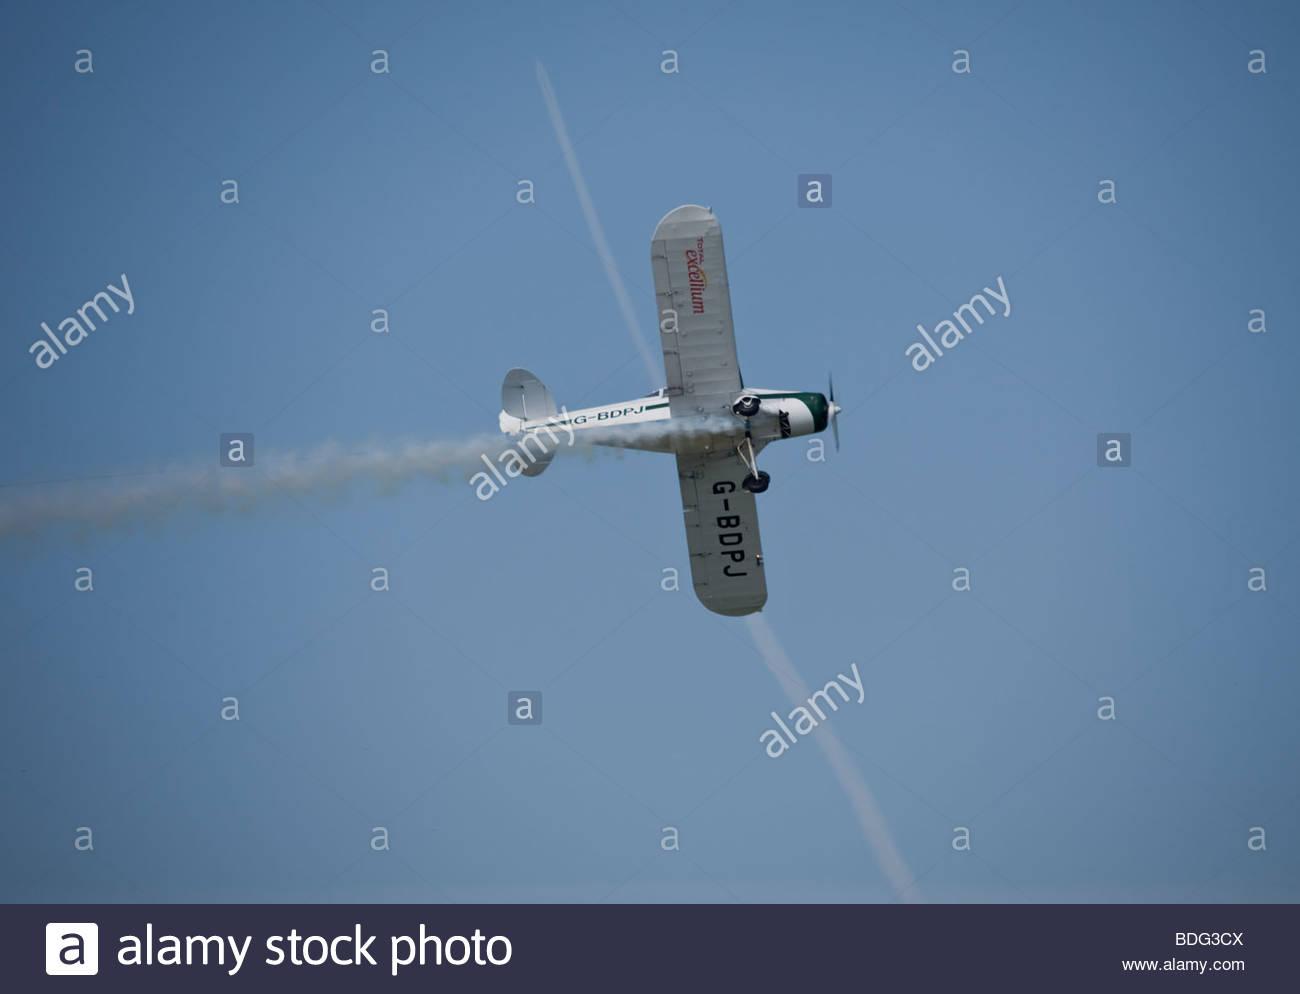 a stunt plane doing his acrobatics - Stock Image